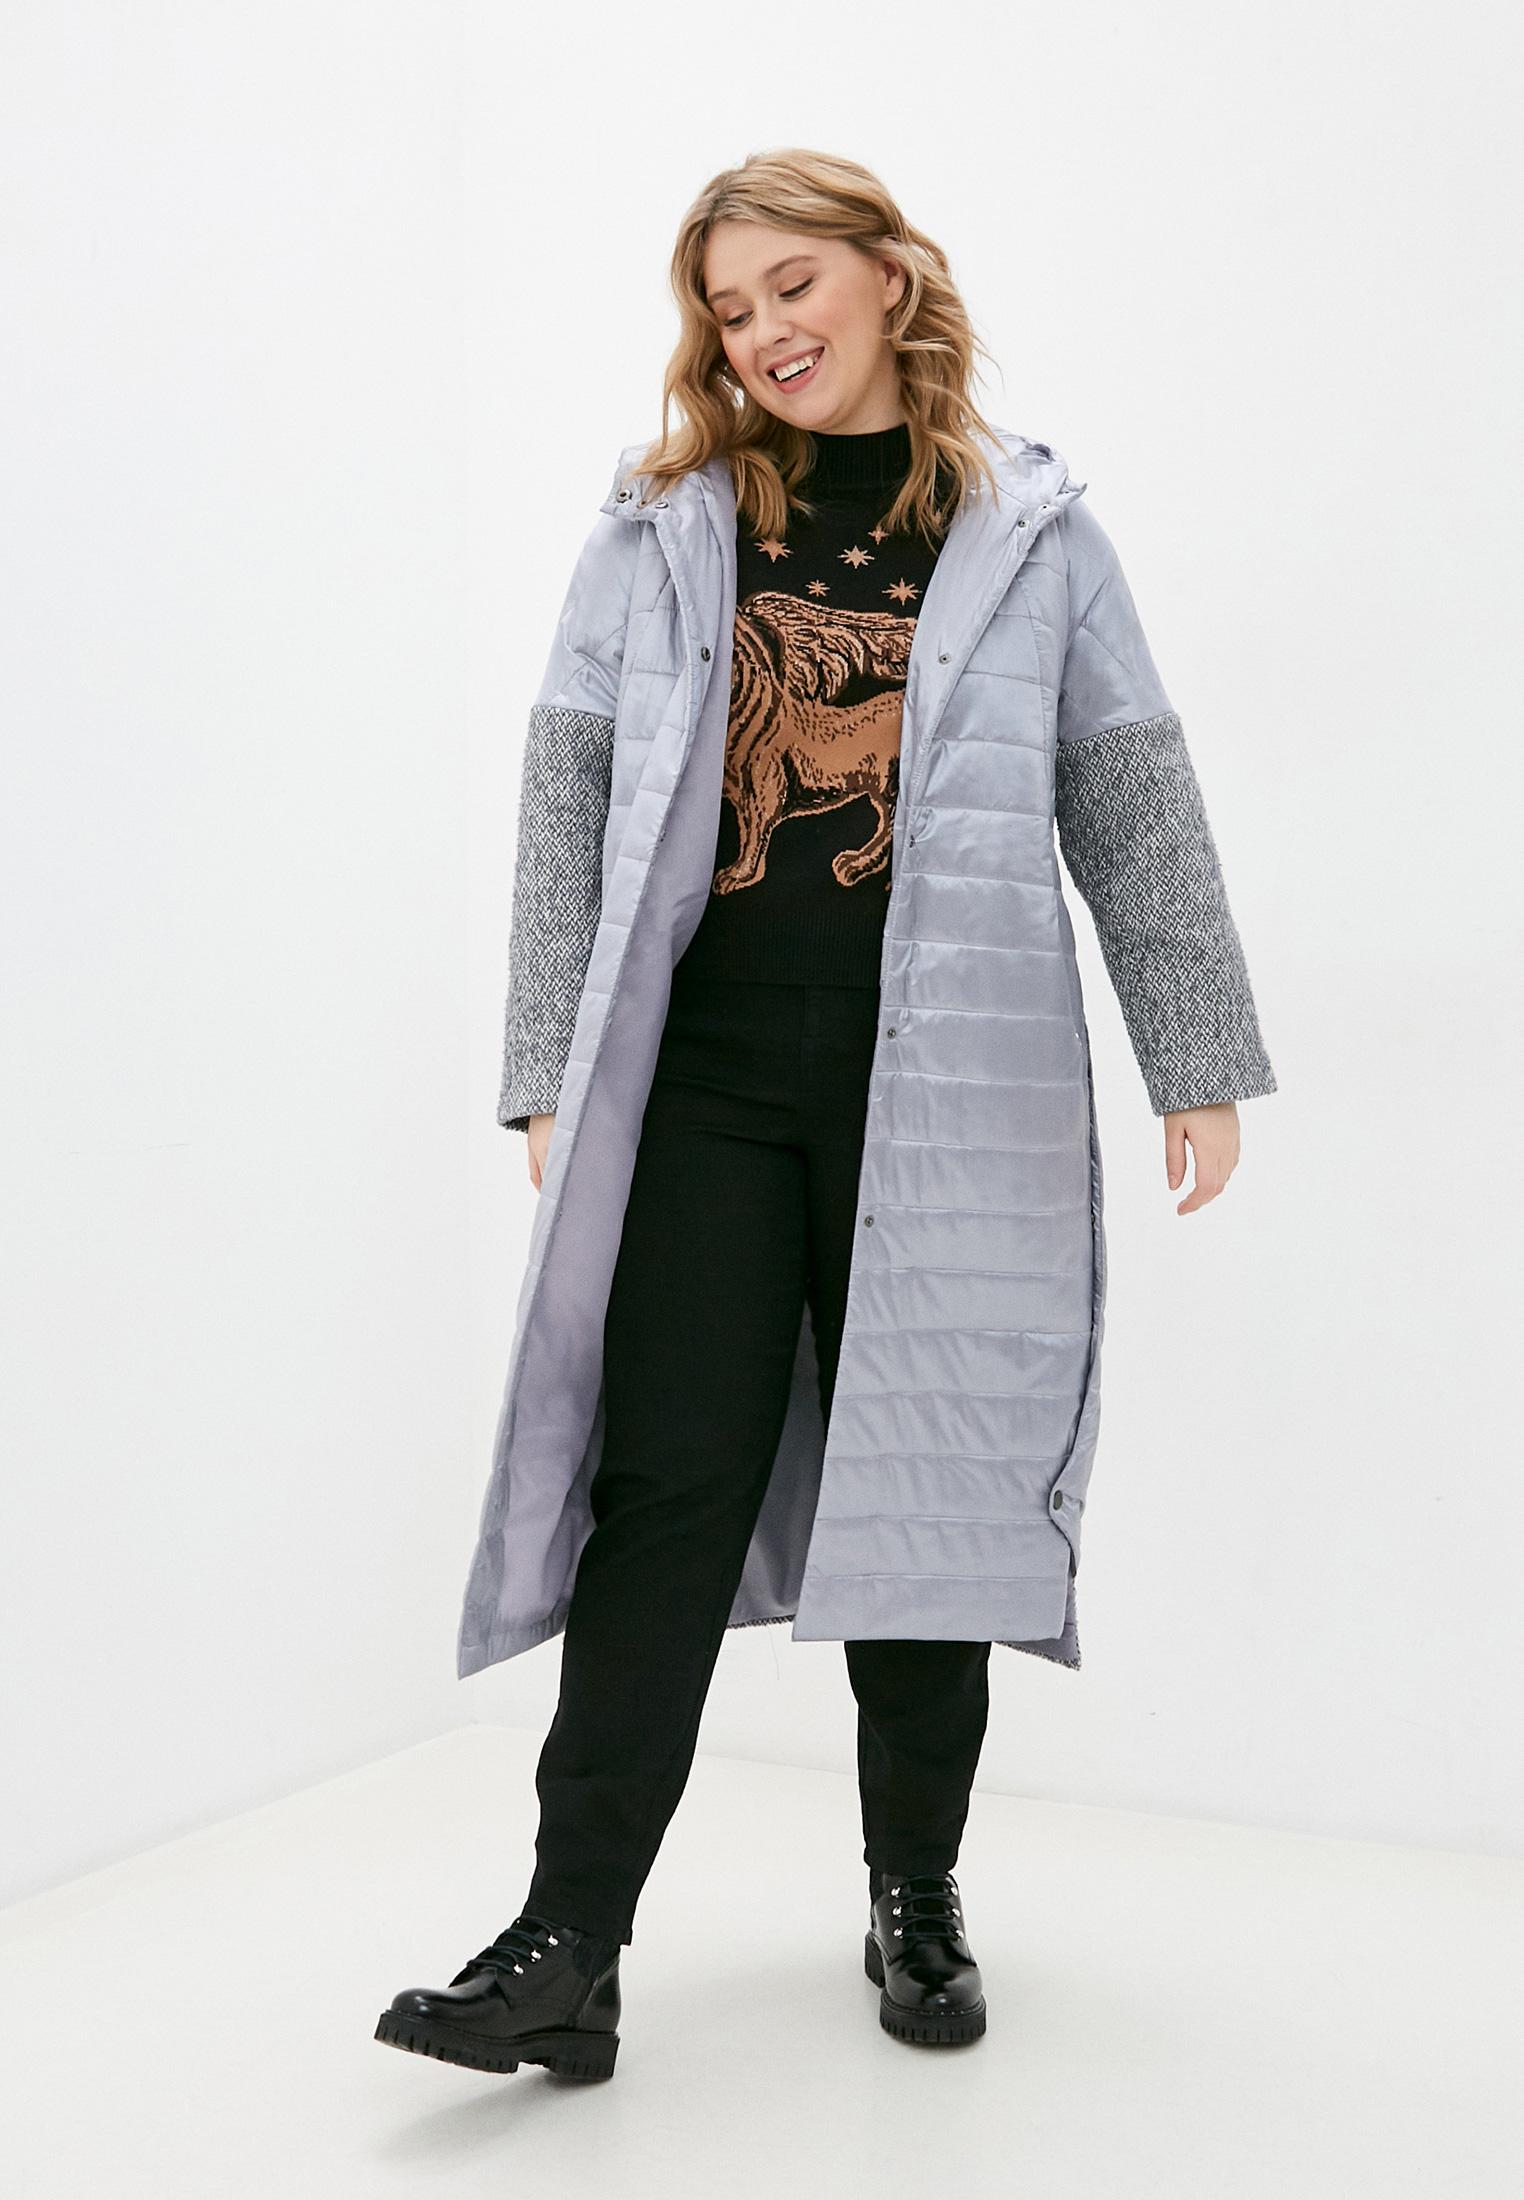 Утепленная куртка Nataliy Beate Пальто мод.132: изображение 2